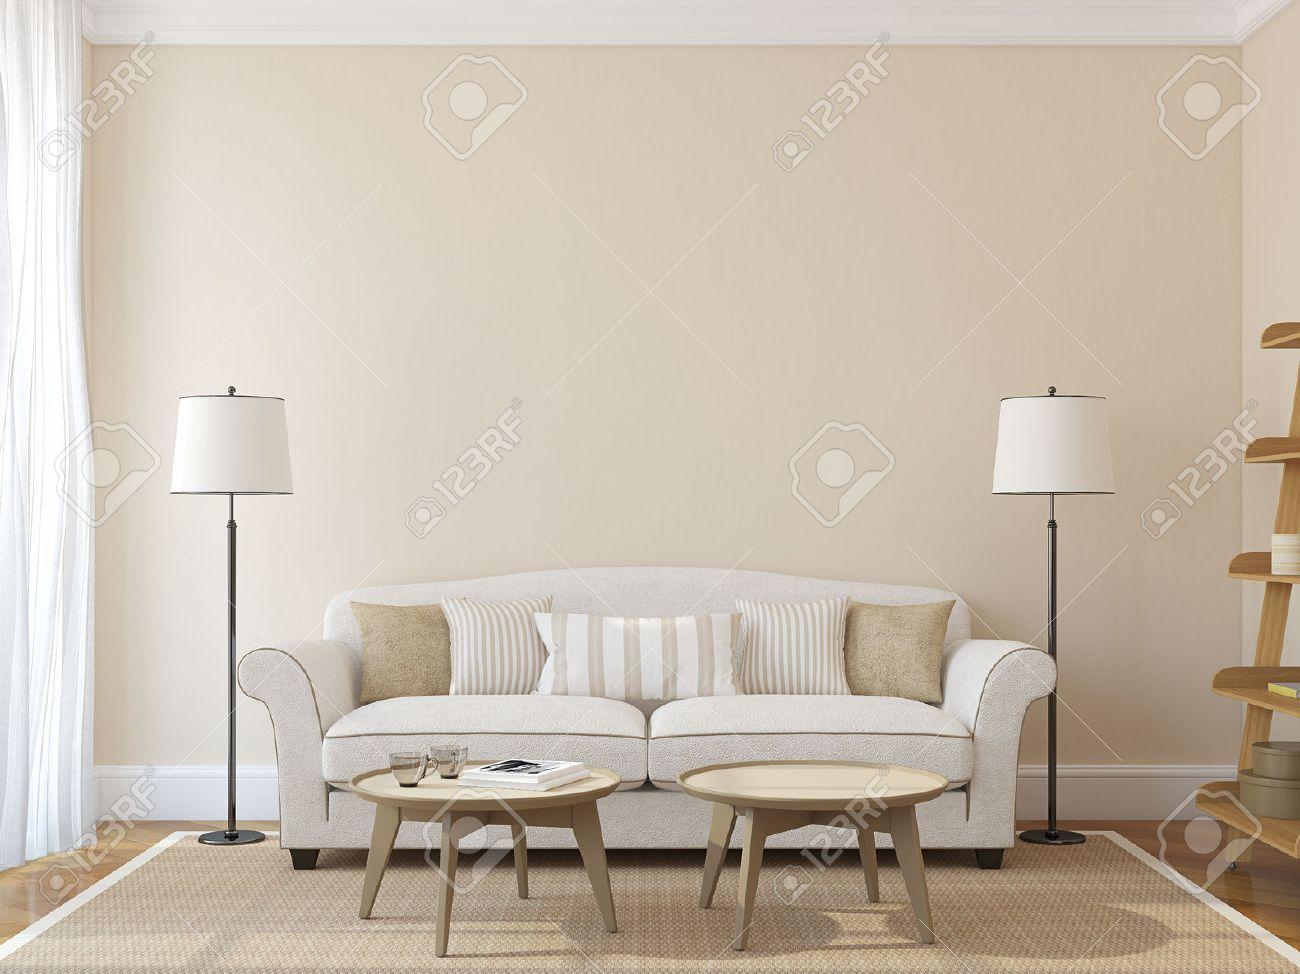 Moderne Wohnzimmer Couch ausgezeichnete images fr wohnzimmer couch modernen wunderbare wohnzimmer couch leder modernhomeideaco fr wohnzimmer couch modernen Moderne Wohnzimmer Interieur Mit Weien Couch In Der Nhe Leer Beige Wand 3d Darstellung